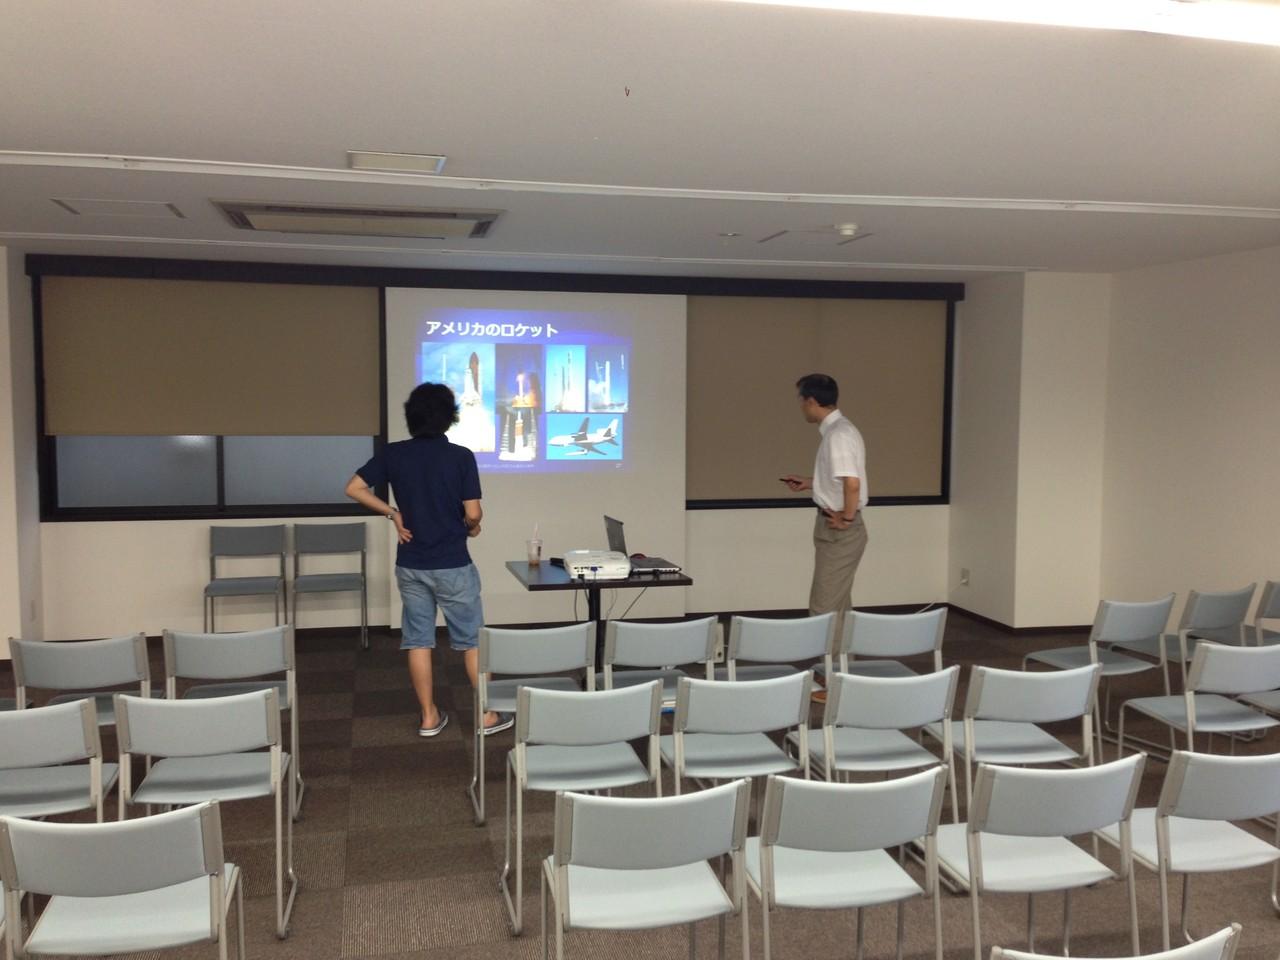 リハーサル中の九州大学平山先生と吉岡先生